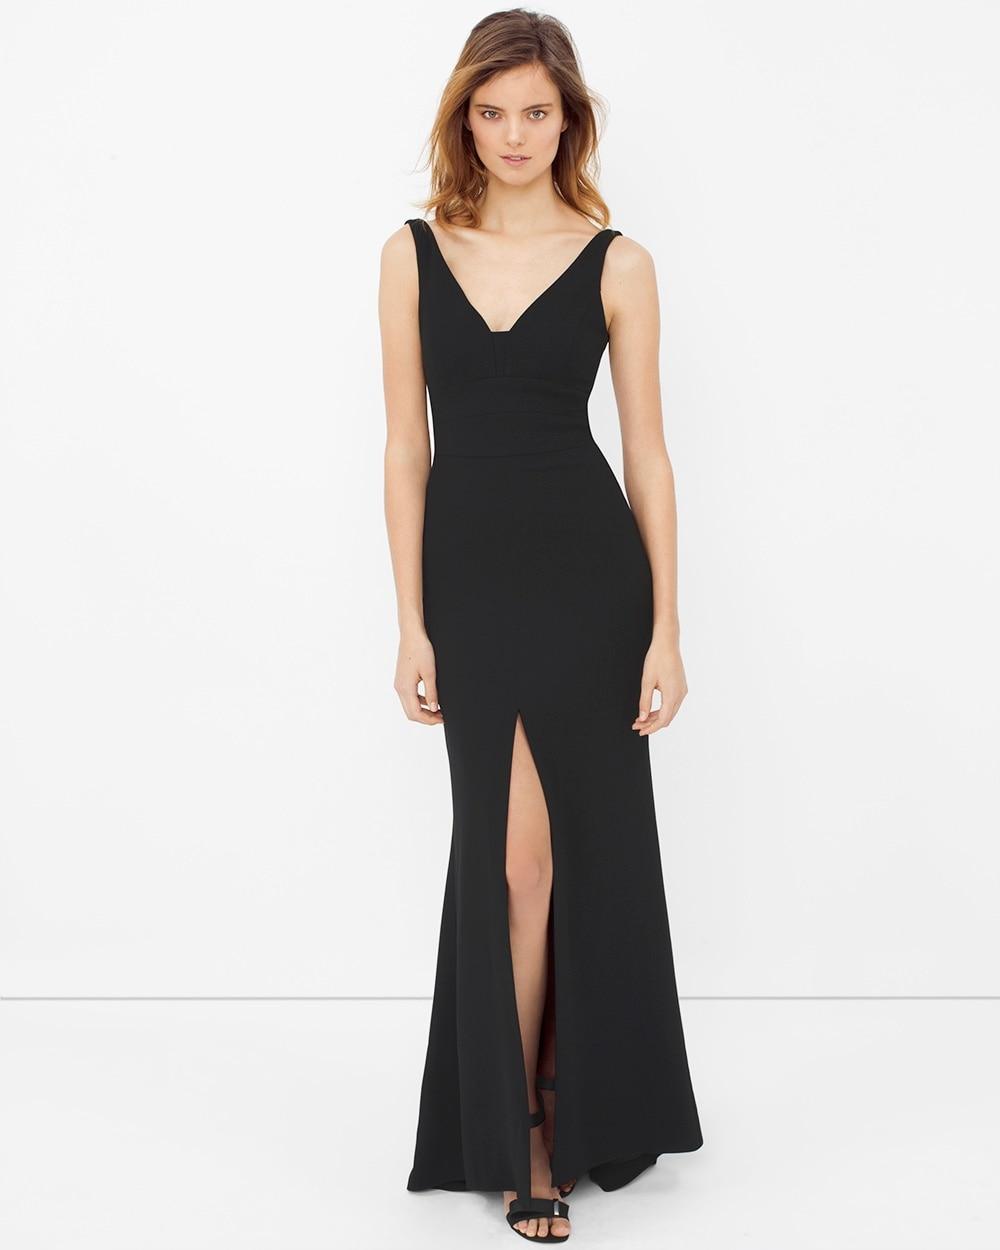 Front-Slit Black Gown - White House Black Market